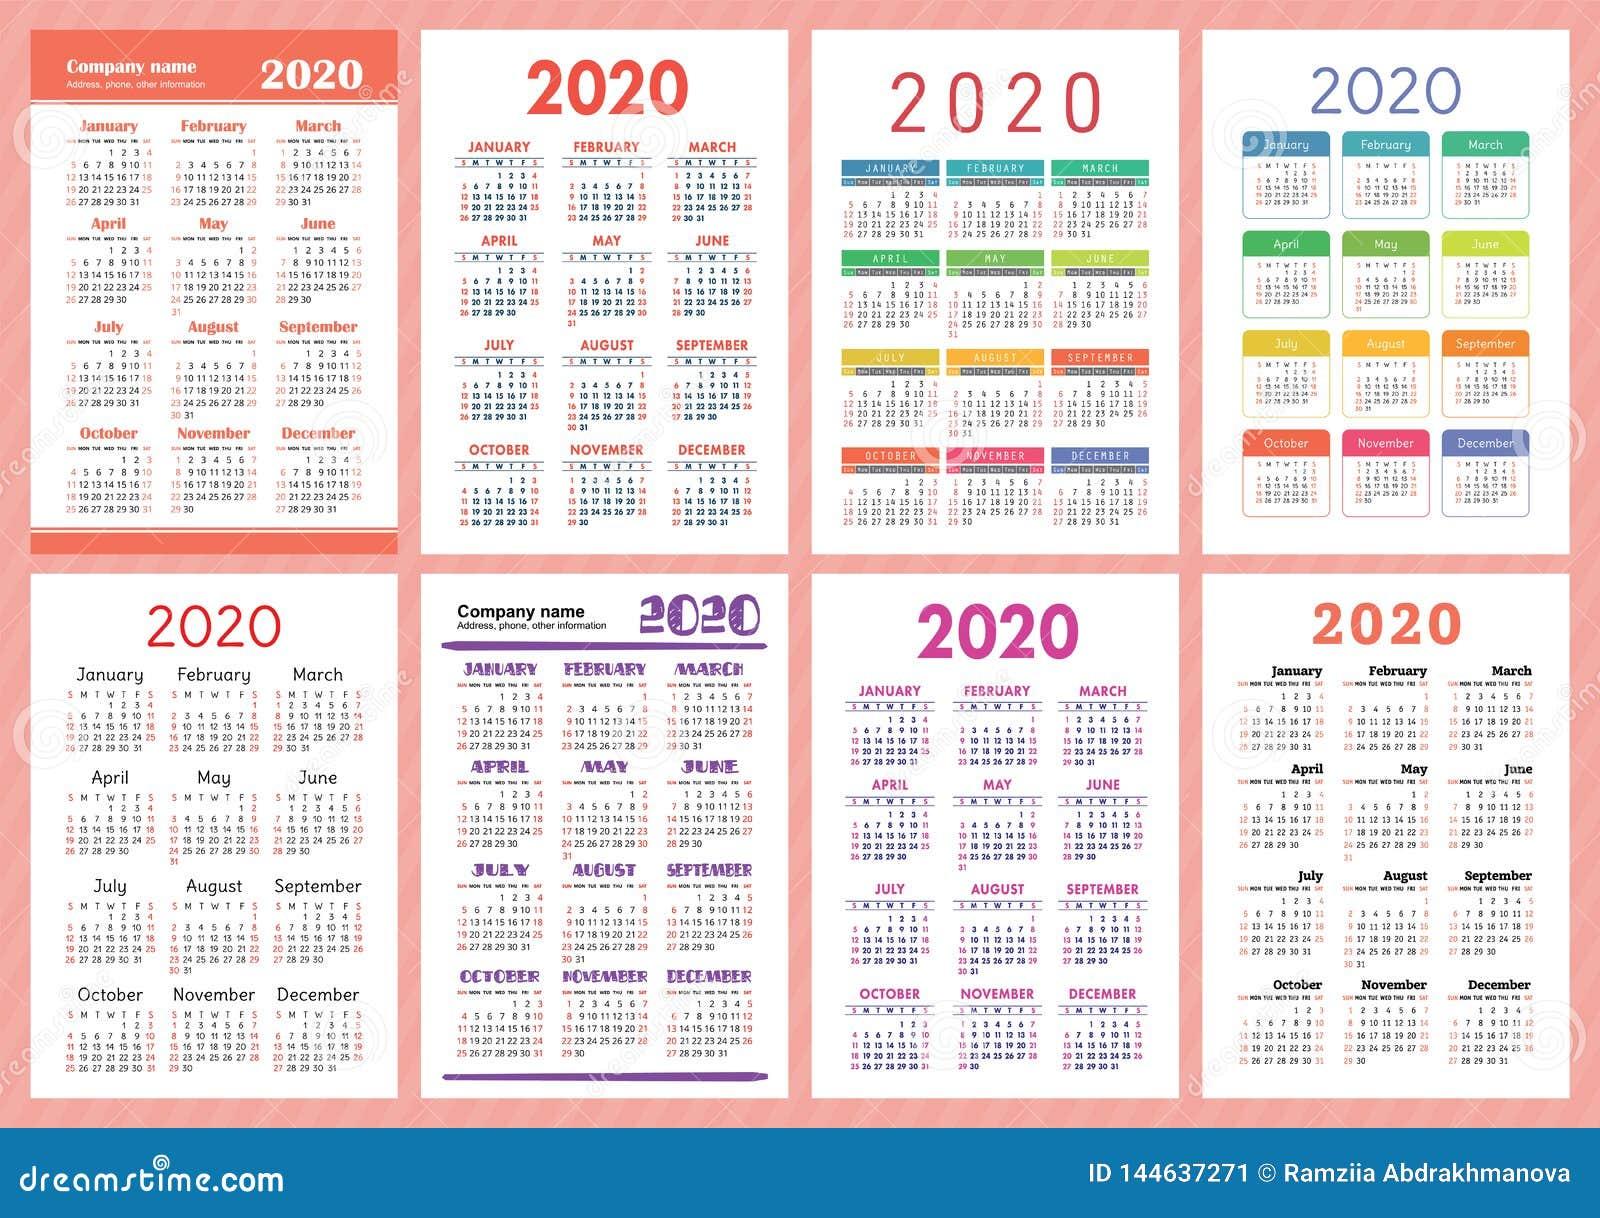 Calendario 2020 Semanas.Calendario 2020 Anos Colecao Do Molde Do Vetor Grupo Ingles